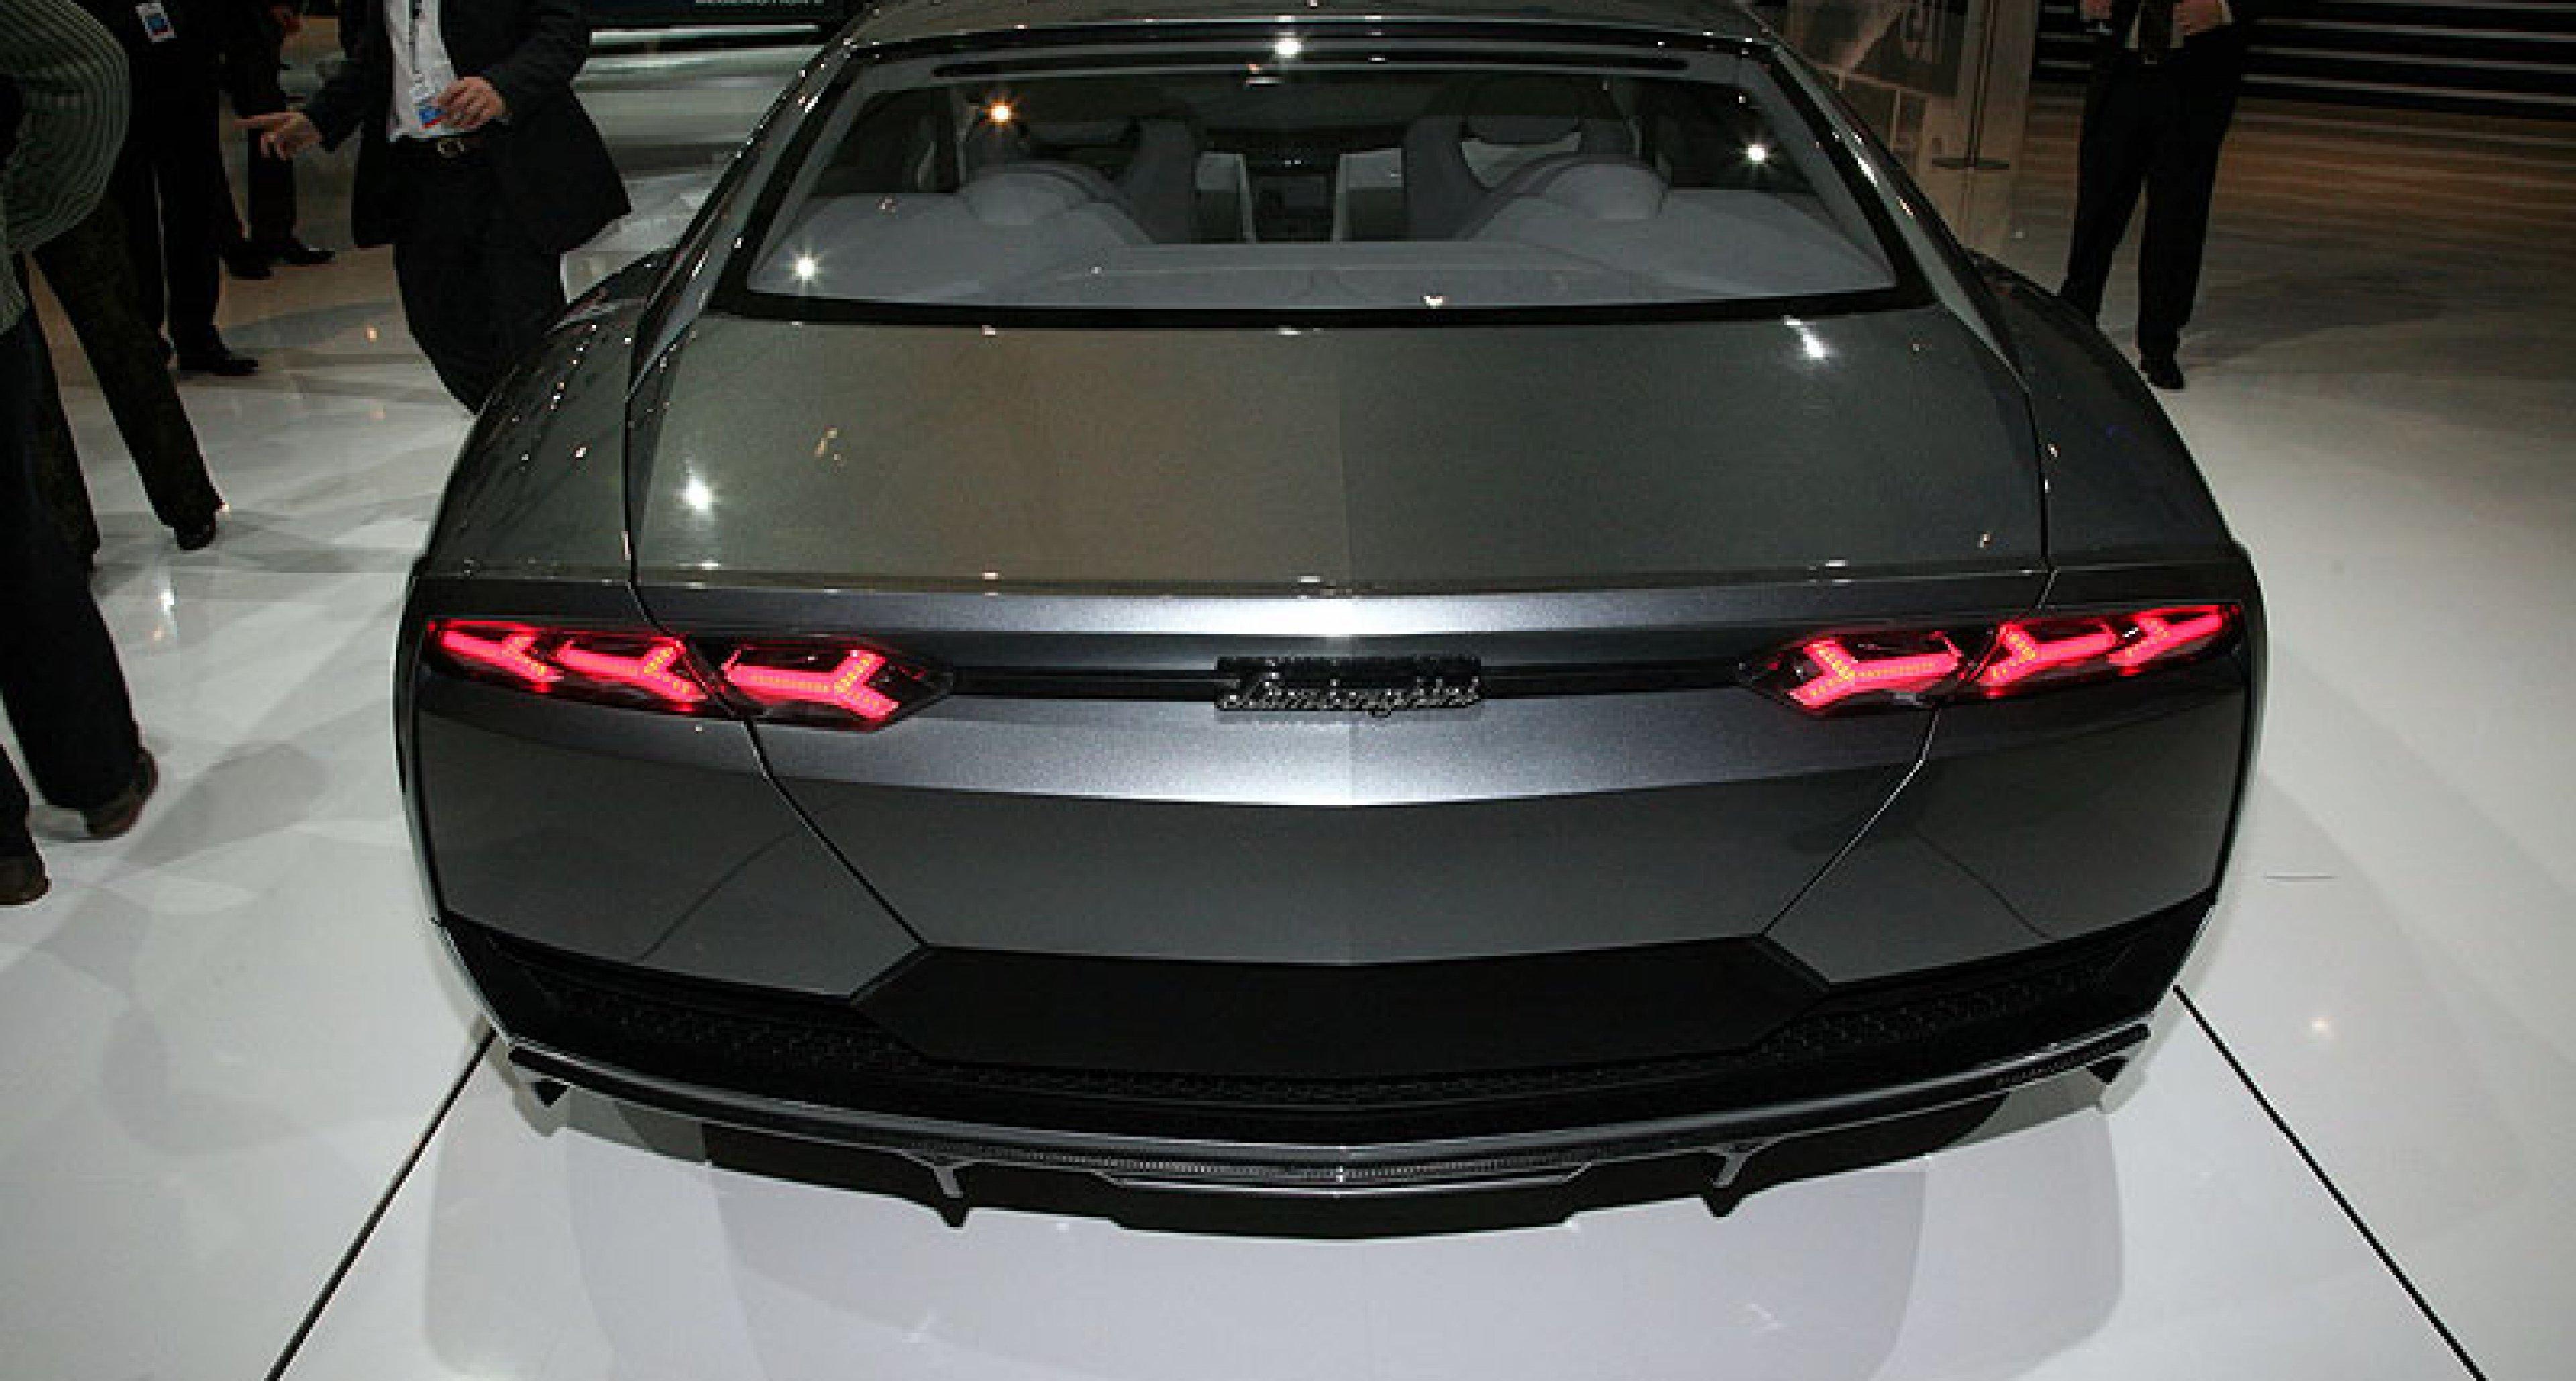 Lamborghini Estoque: Four seater Concept Debuts in Paris